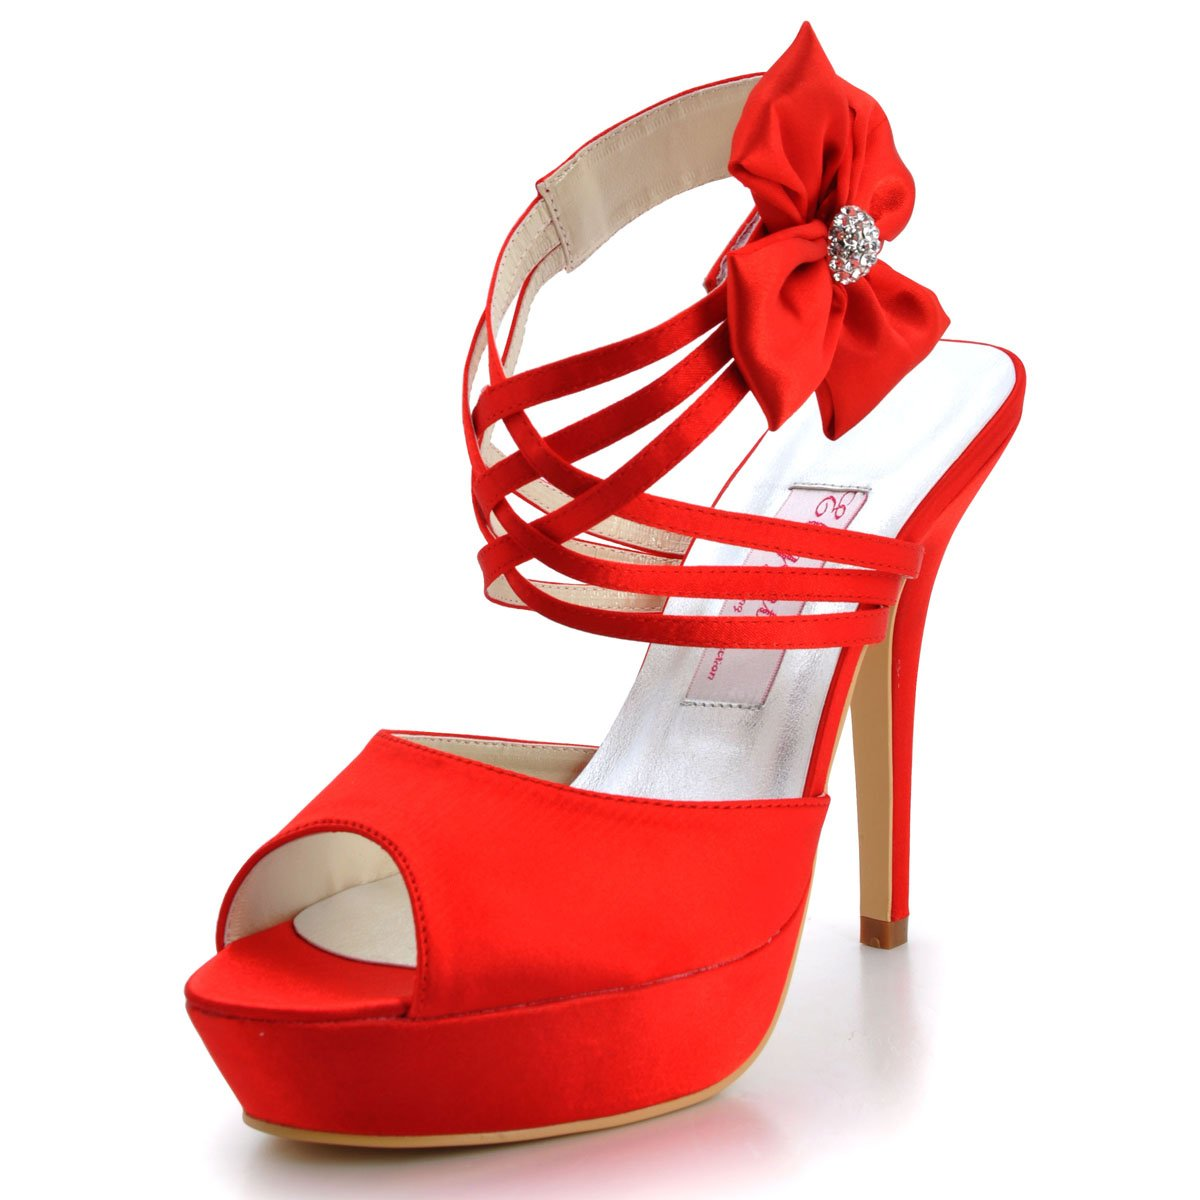 Elegantpark EP2031-PF Femme Bout Ouvert Chaussures Plateau Plateau Aiguille Fleurs Multi Rouge bride Sandales Chaussures De Mariage Mariee Rouge 7814482 - latesttechnology.space